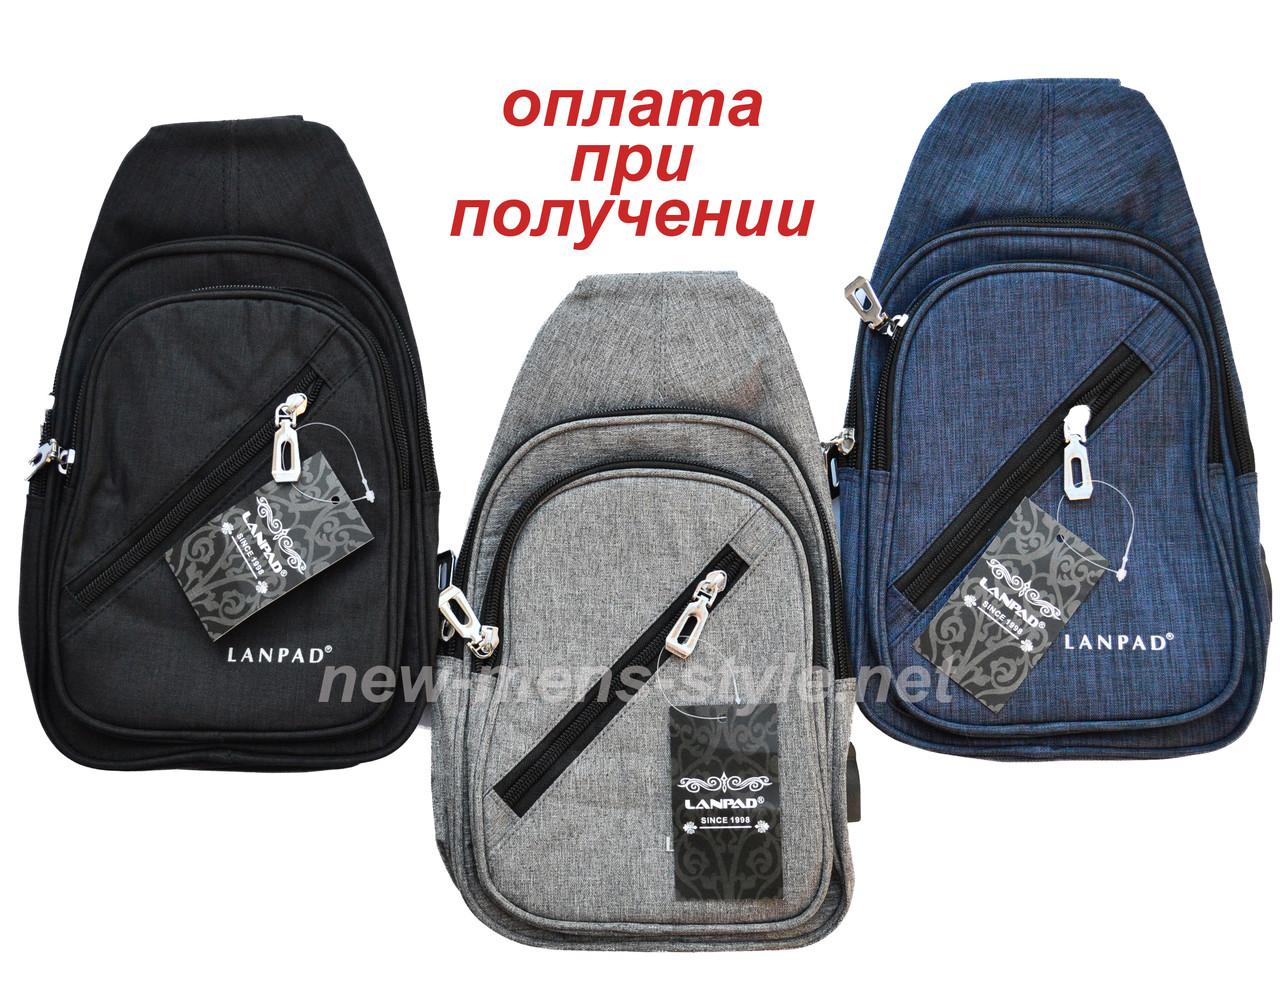 c82d7ac418e2 Мужская чоловіча спортивная тканевая сумка слинг рюкзак бананка NEW -